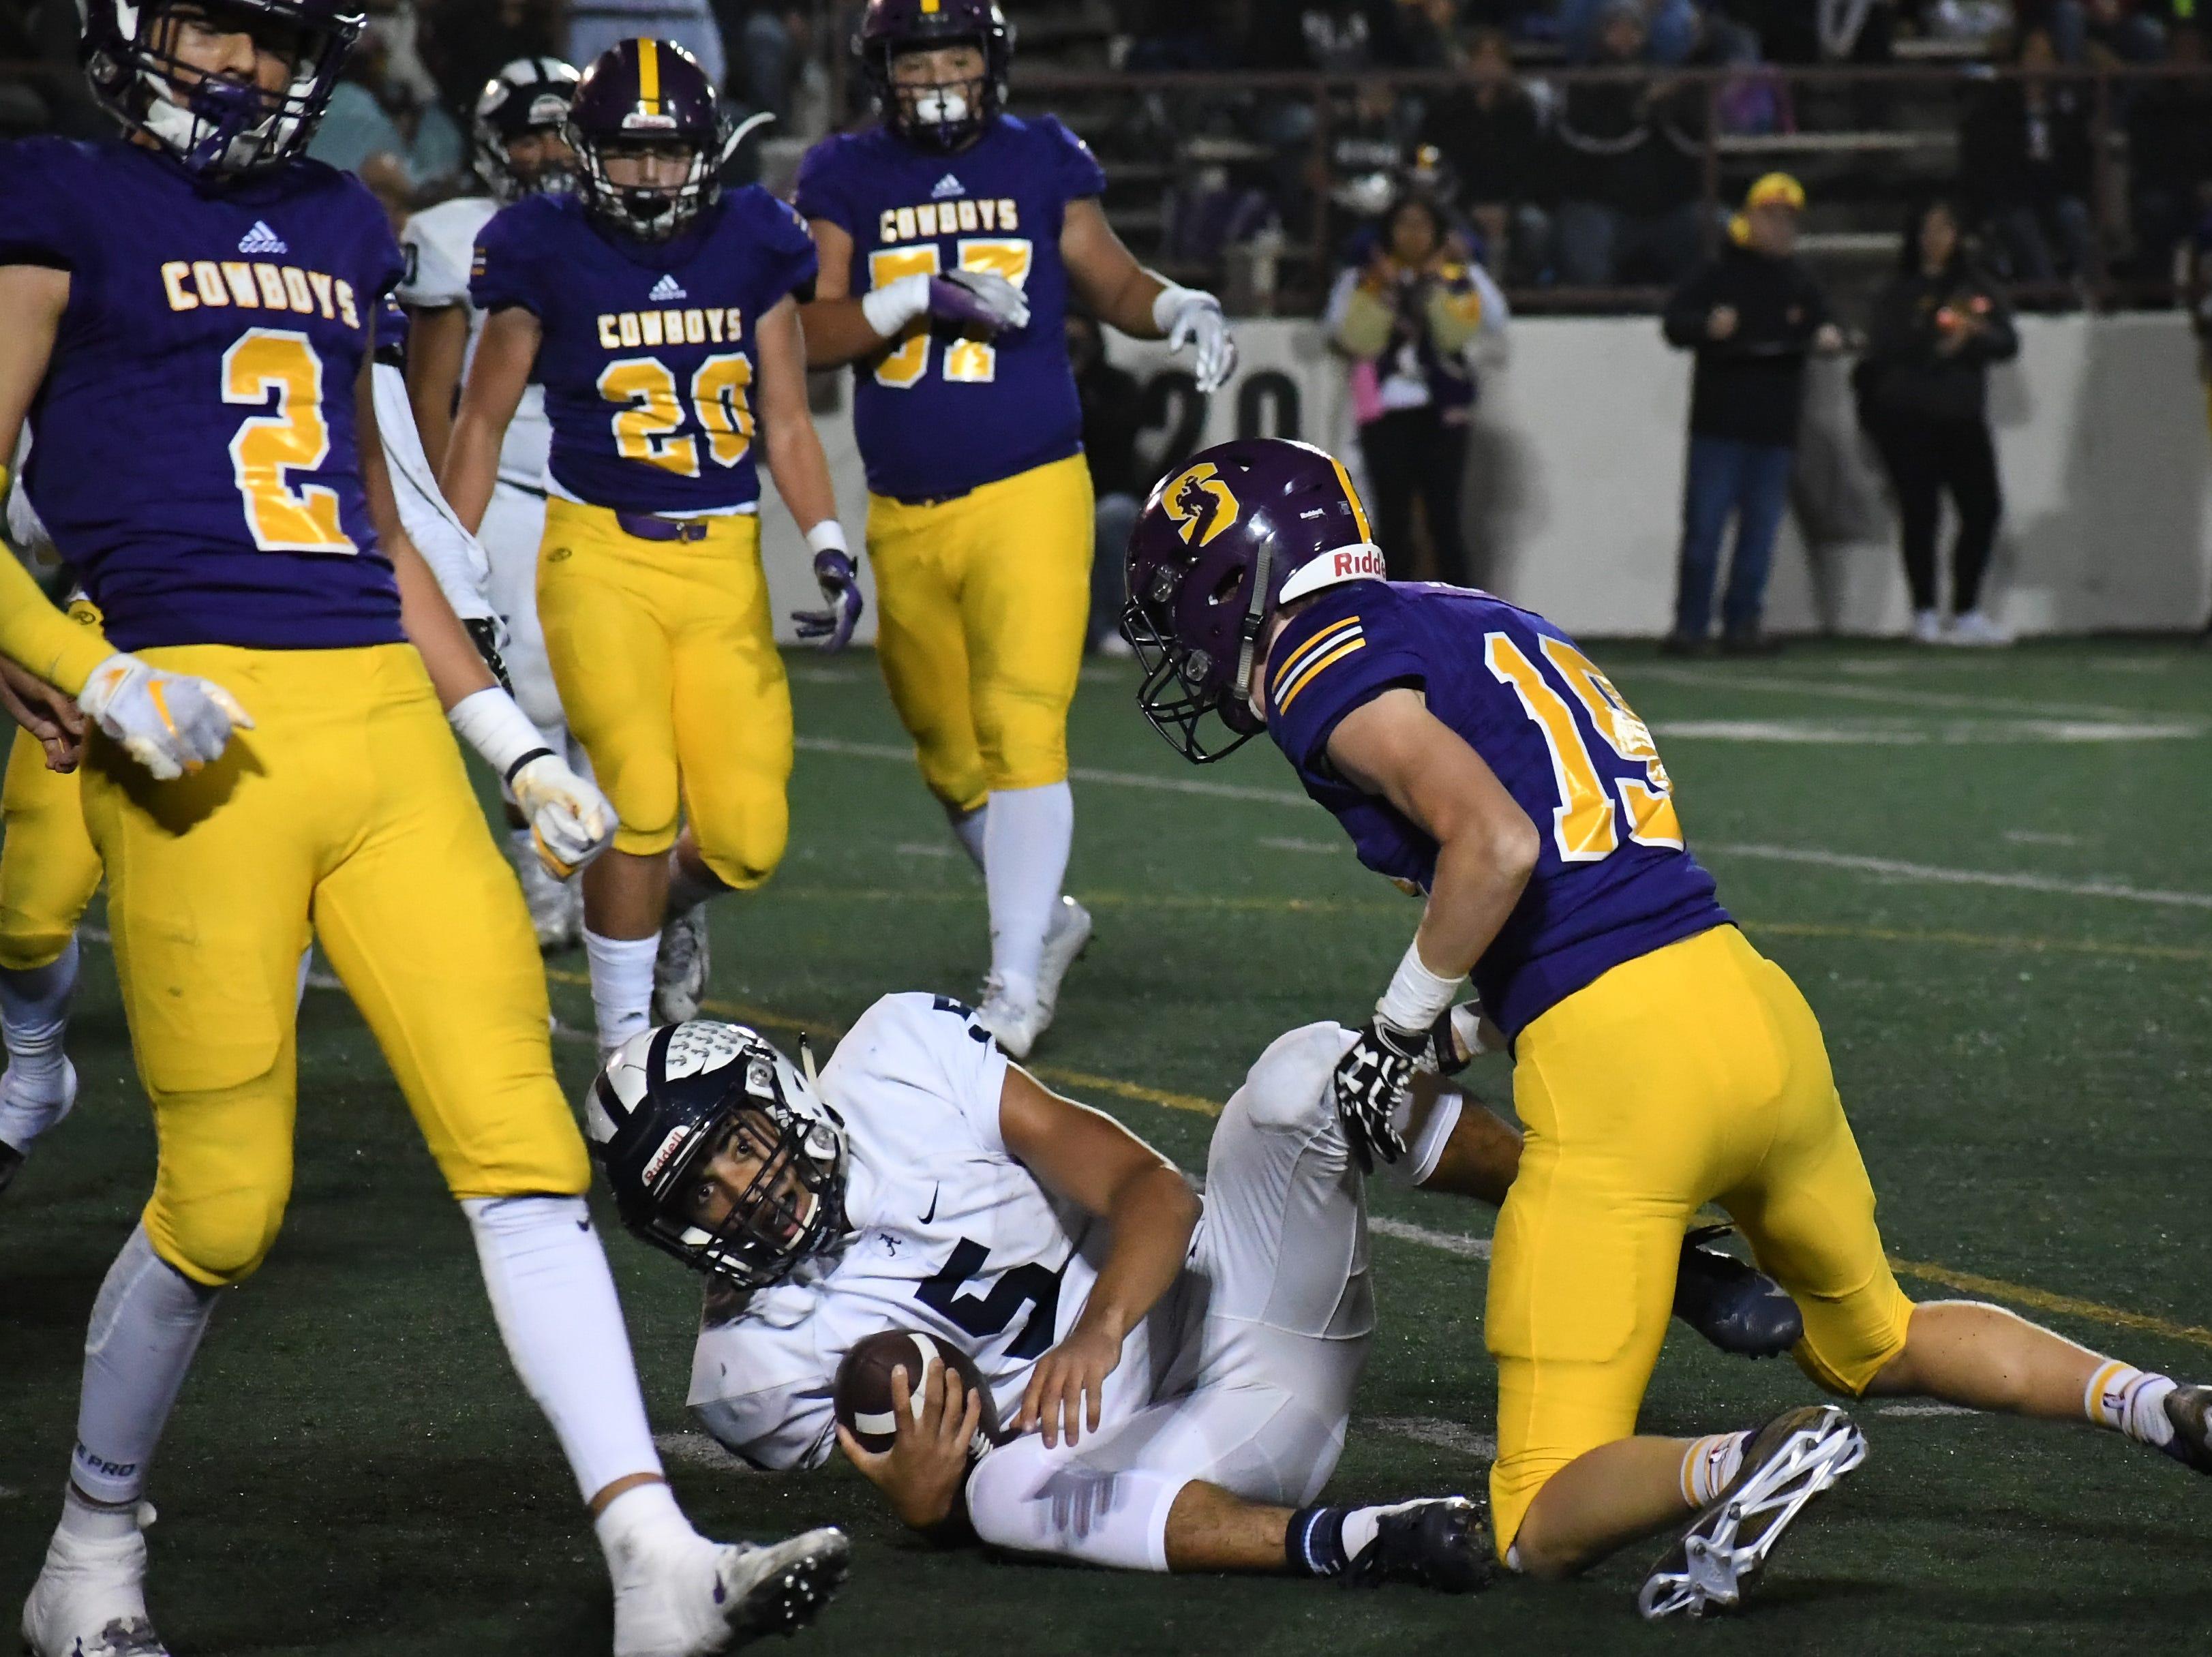 Salinas safety Cade Smith (19) wraps up Aptos' quarterback.